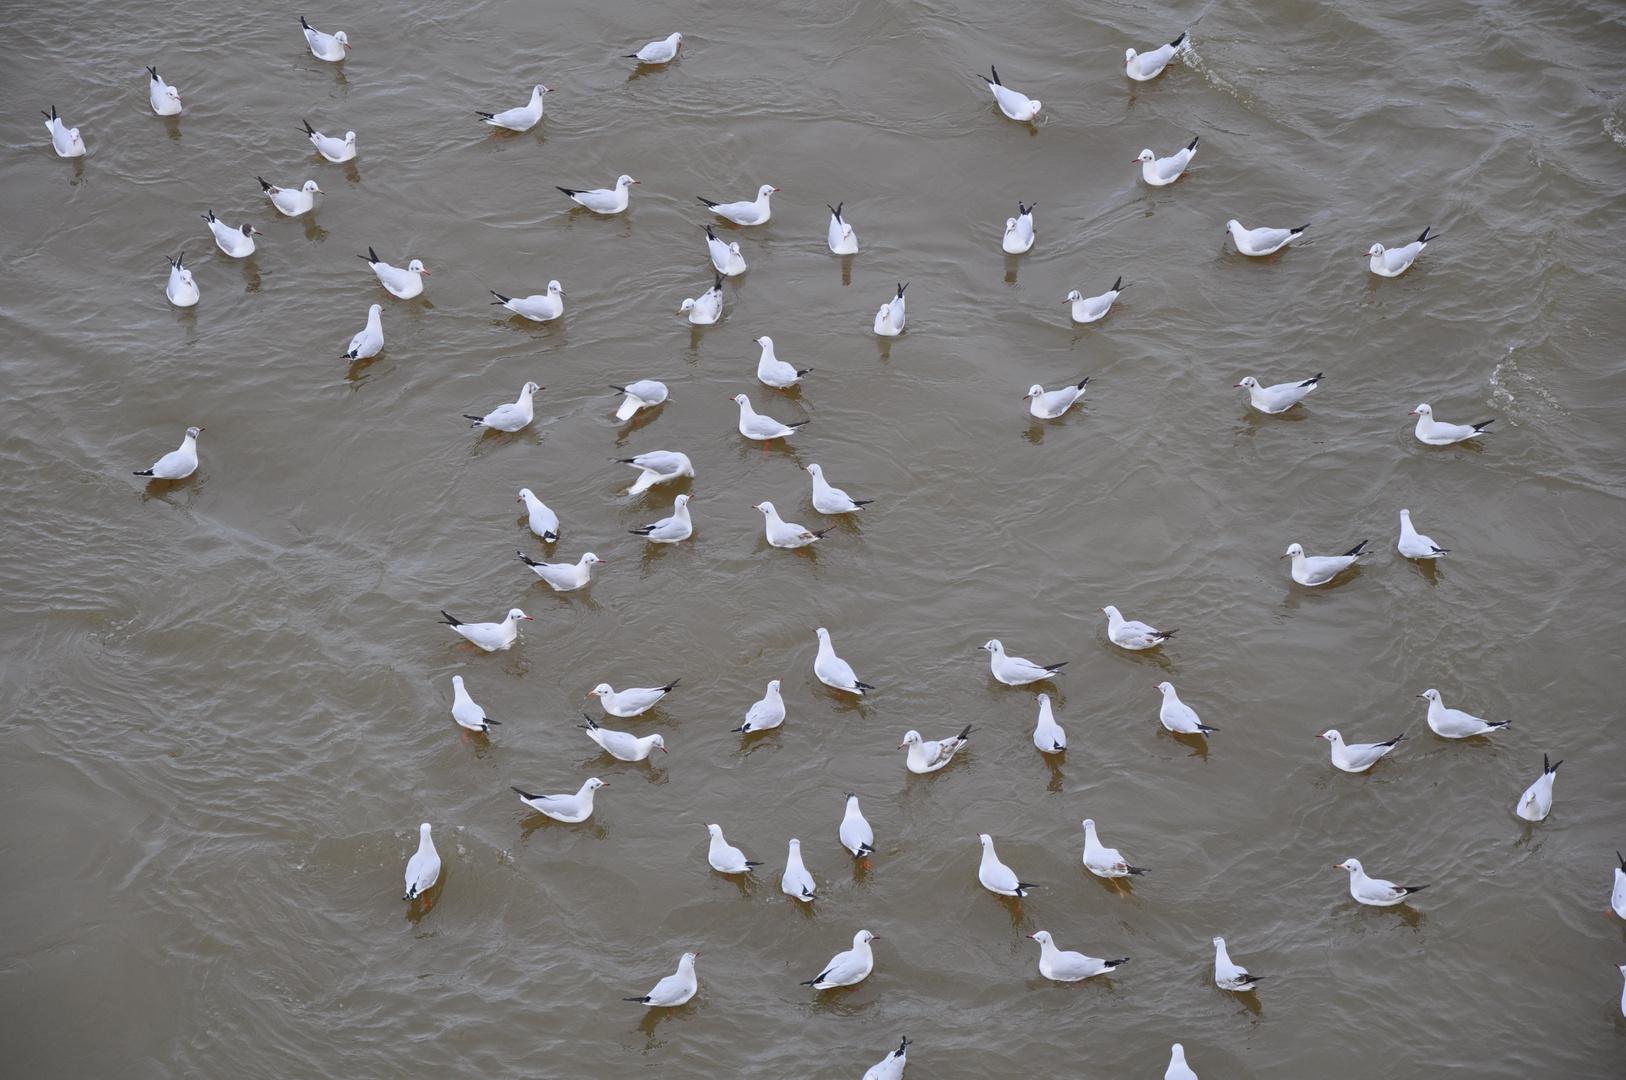 viele Möwen im kalten Wasser der Wltava